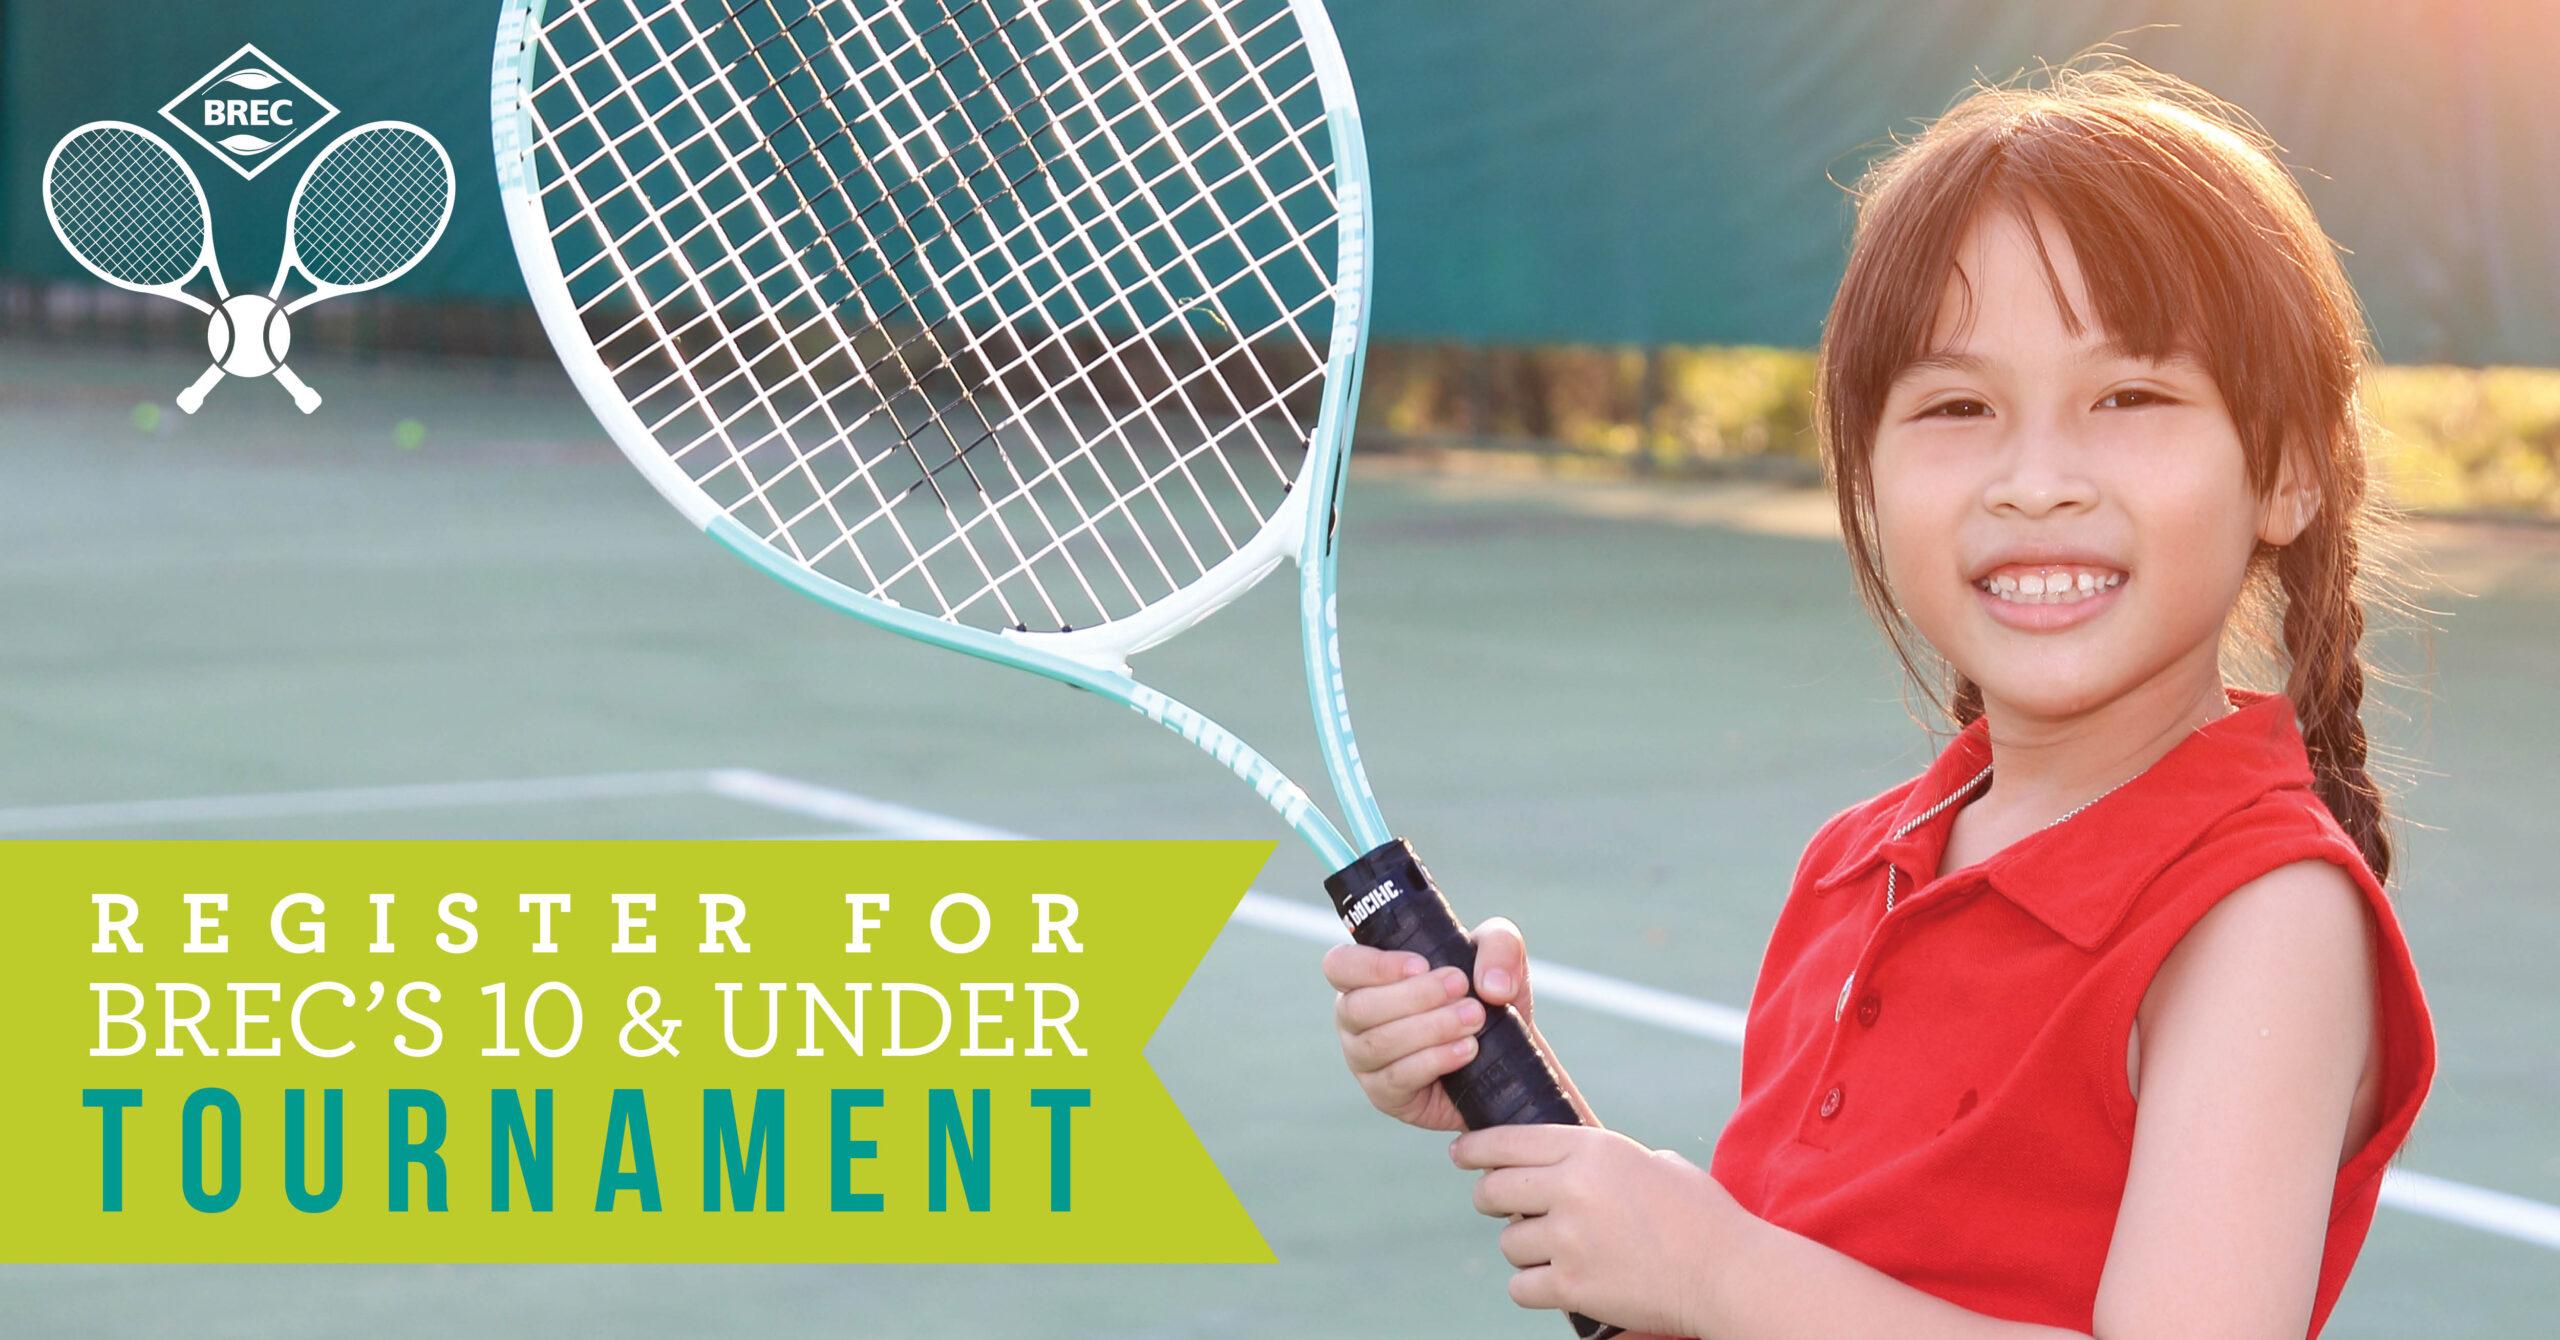 BREC Tennis Tournament